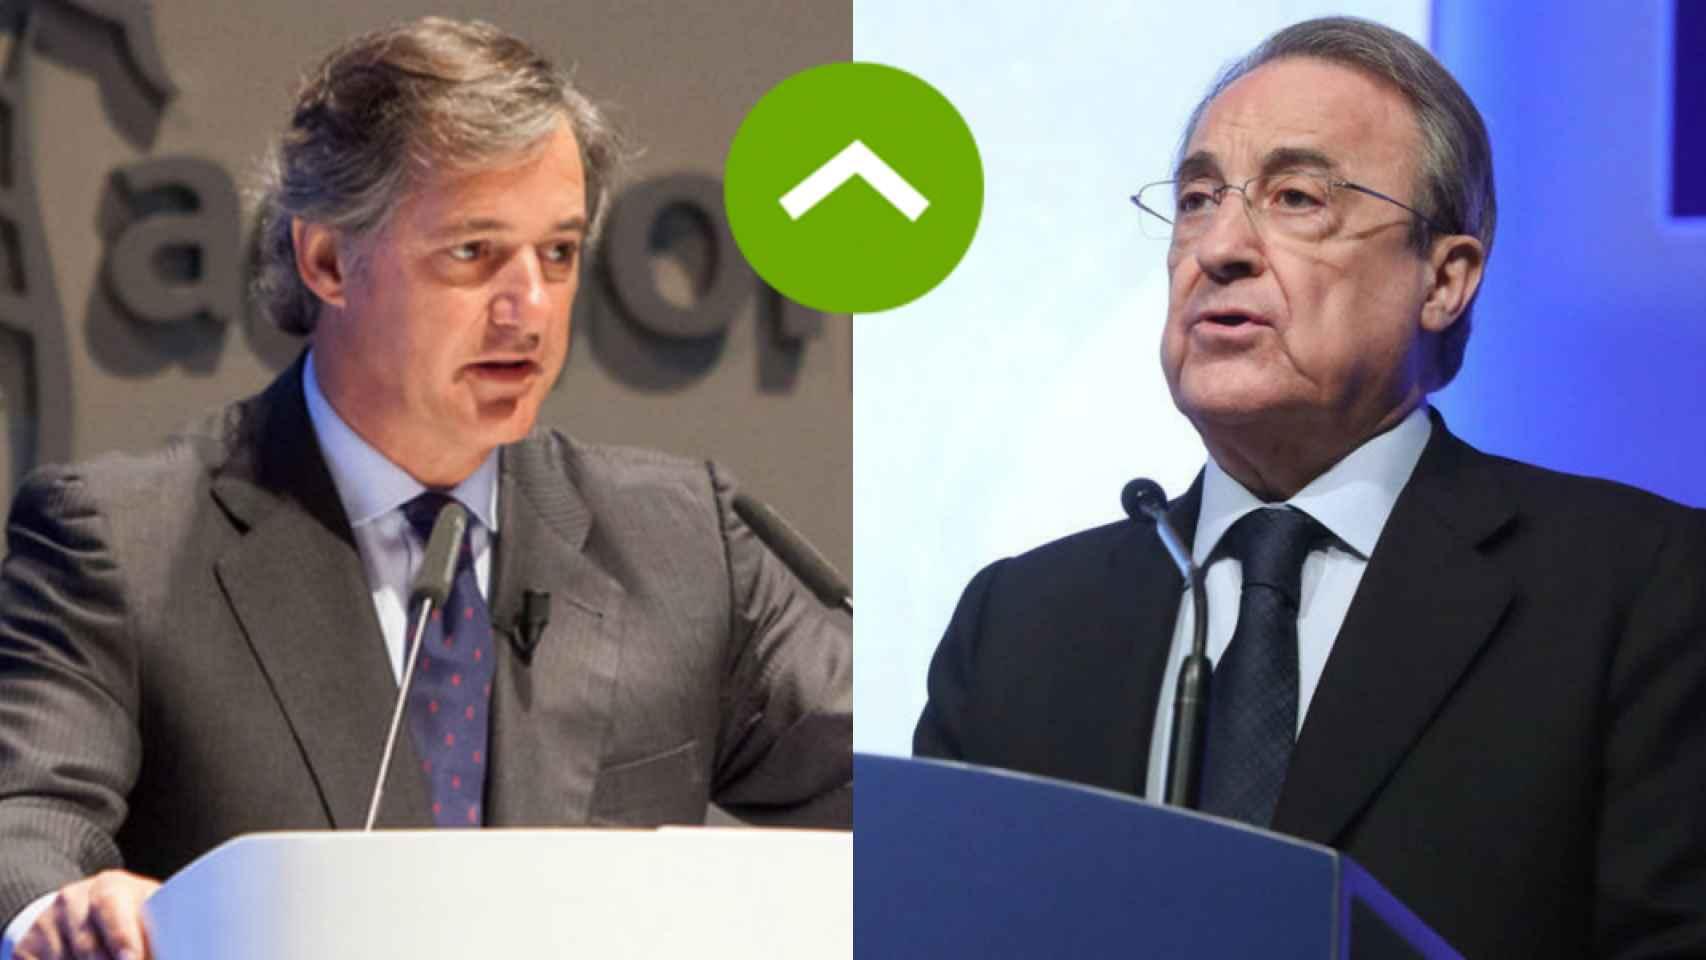 COMO LEONES: José Manuel Entrecanales (Acciona) y Florentino Pérez (ACS)